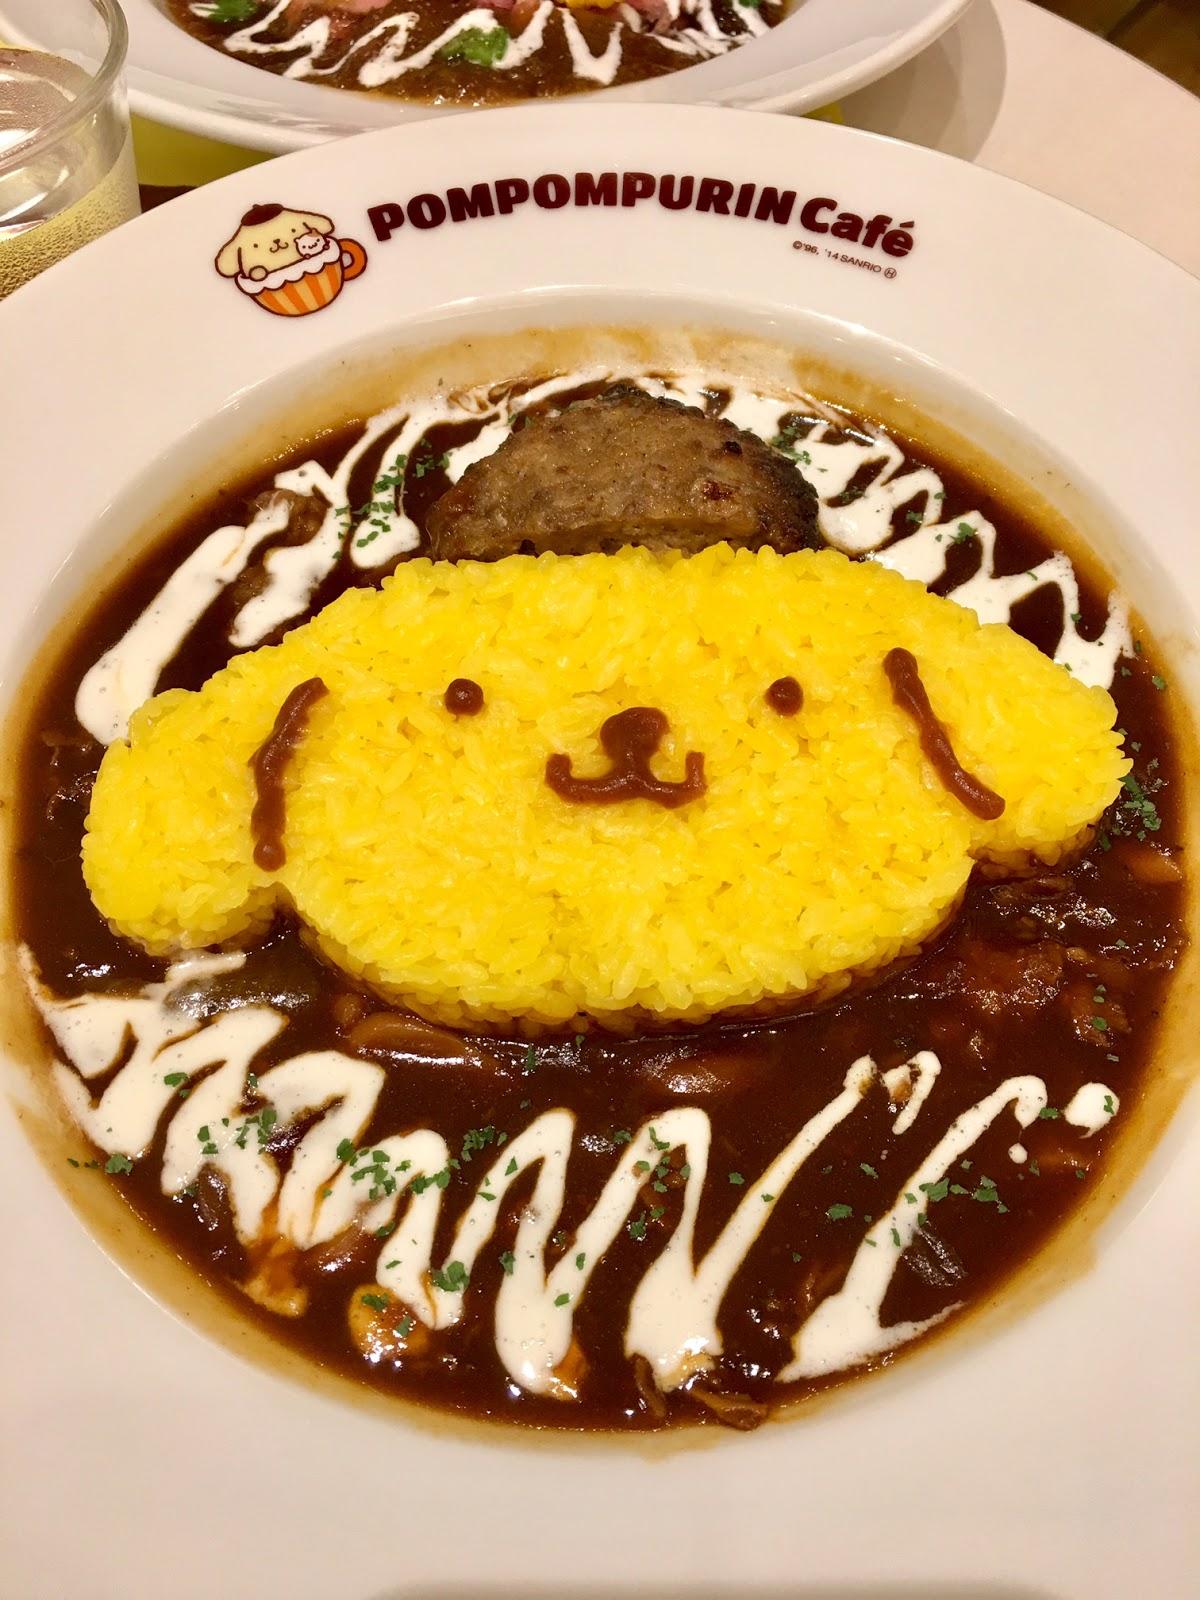 Pompompurin Cafe Beef Stroganoff